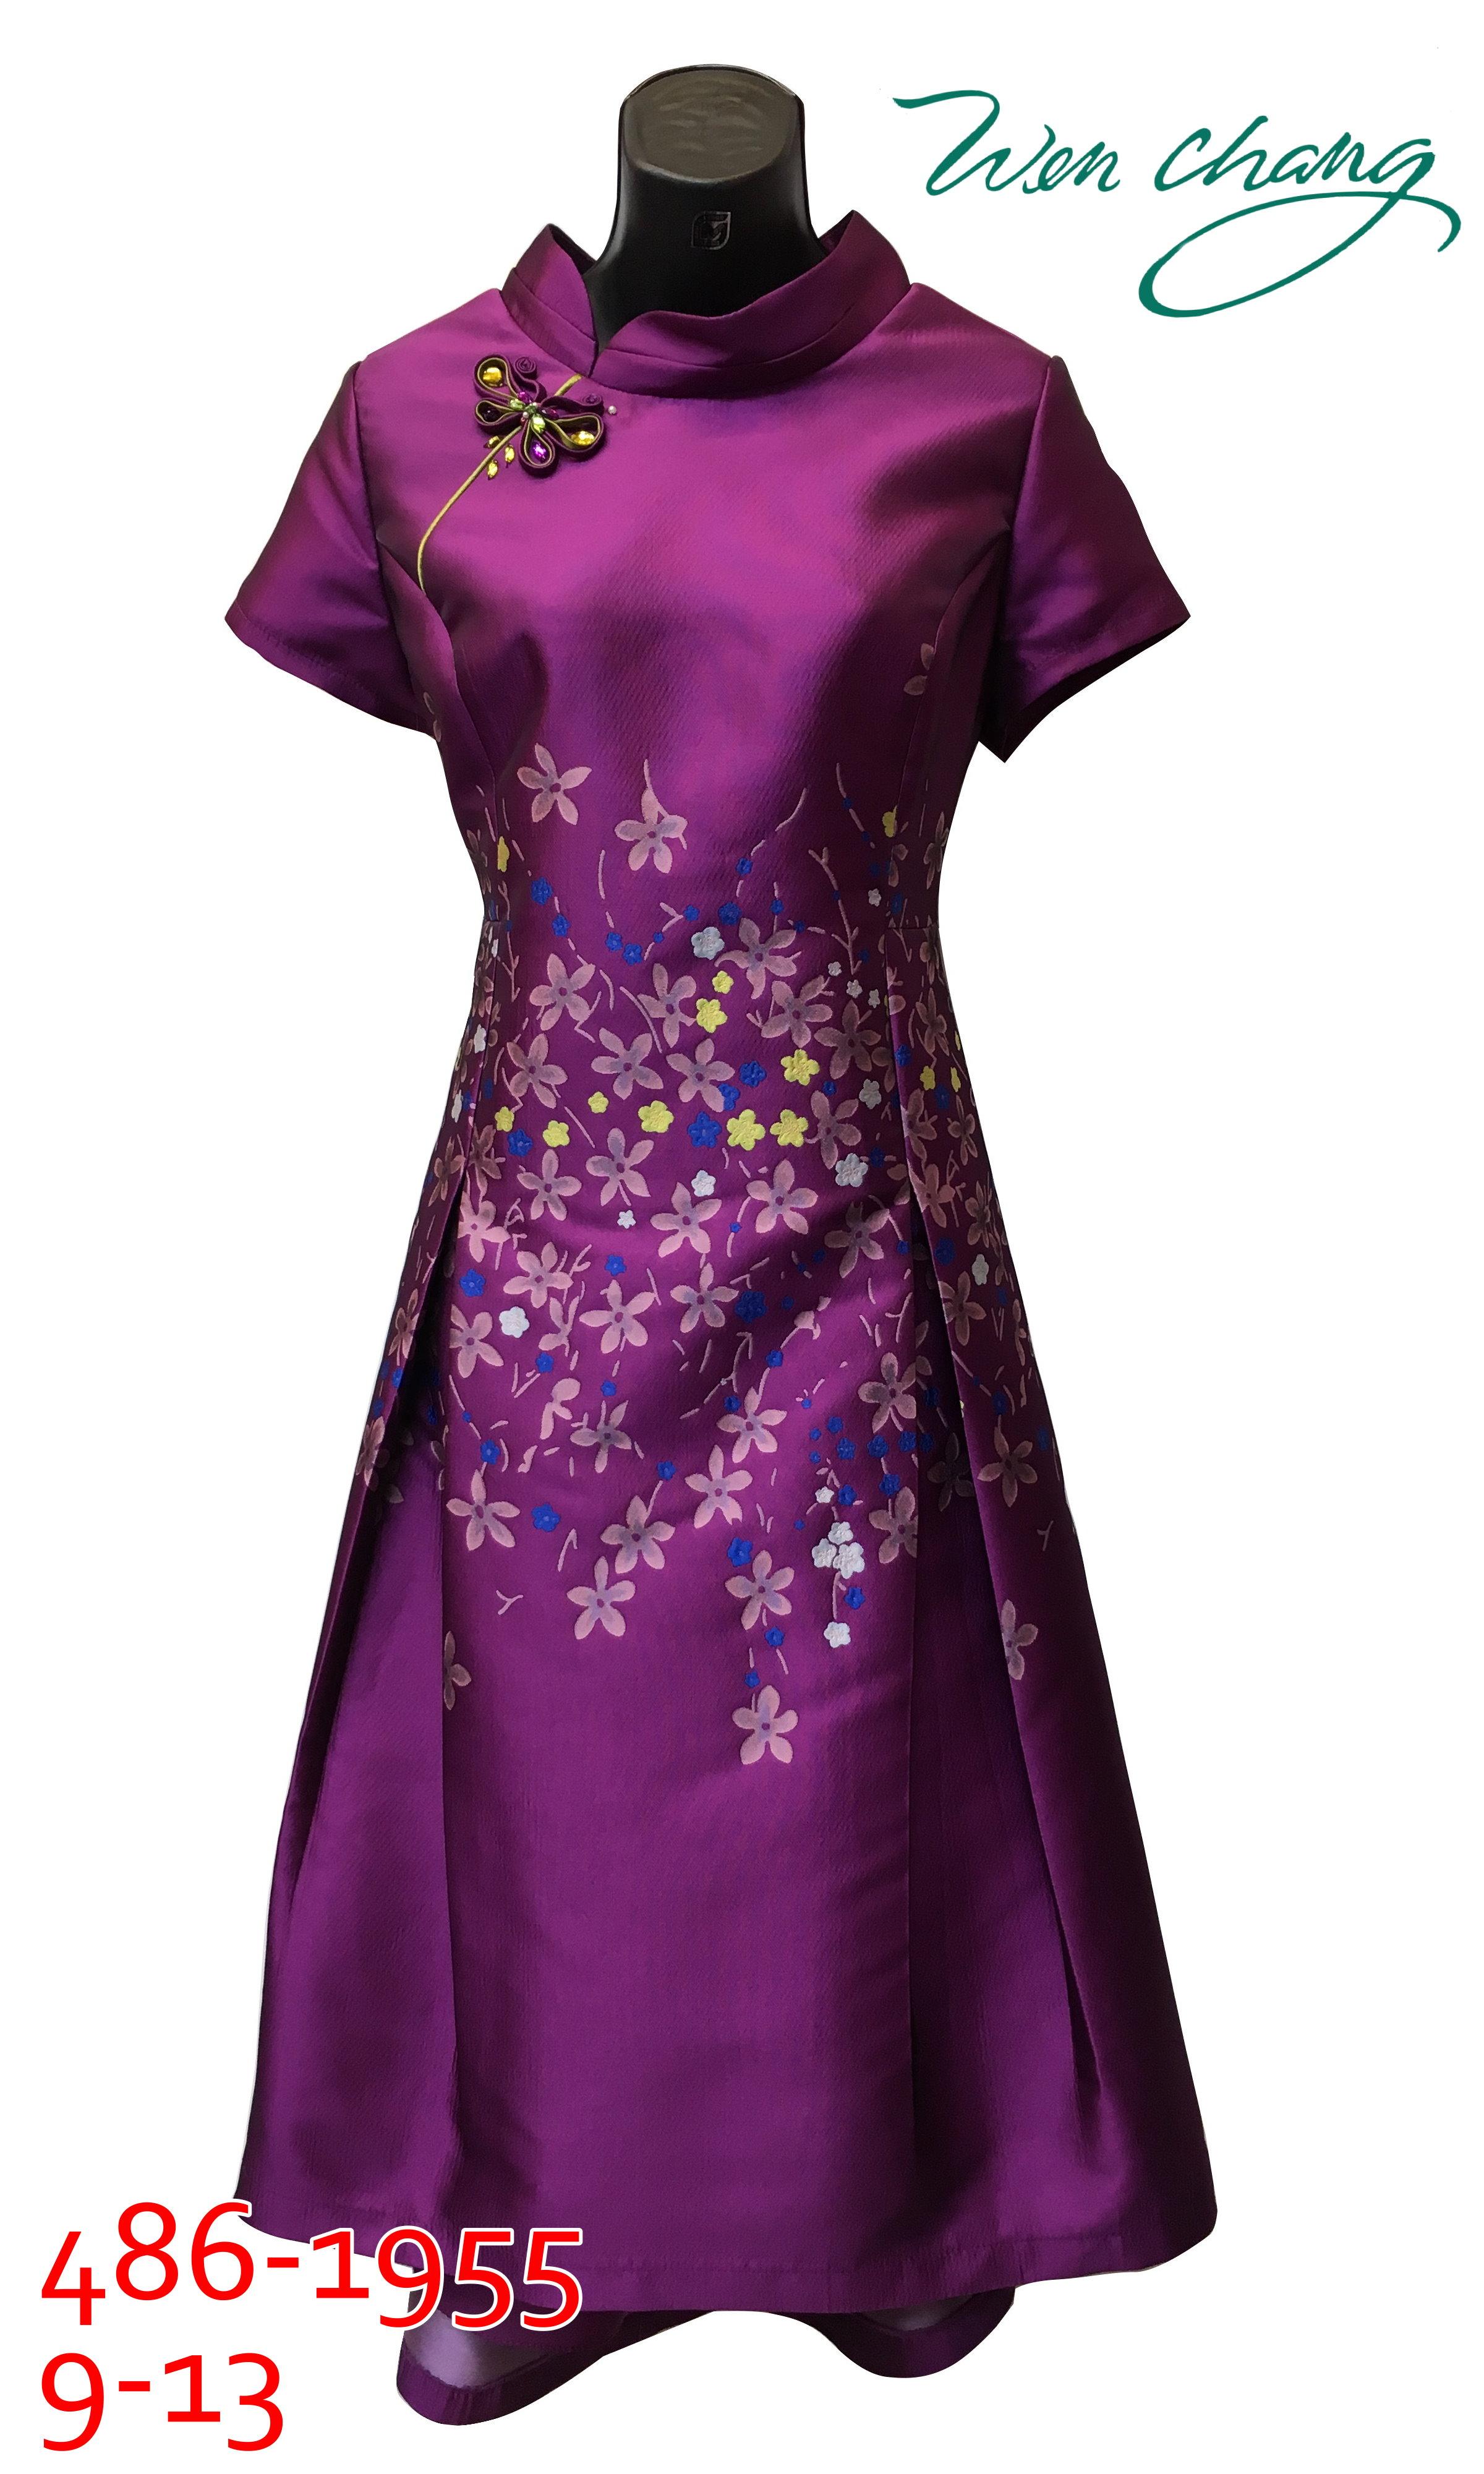 媽媽長禮服-486-1955